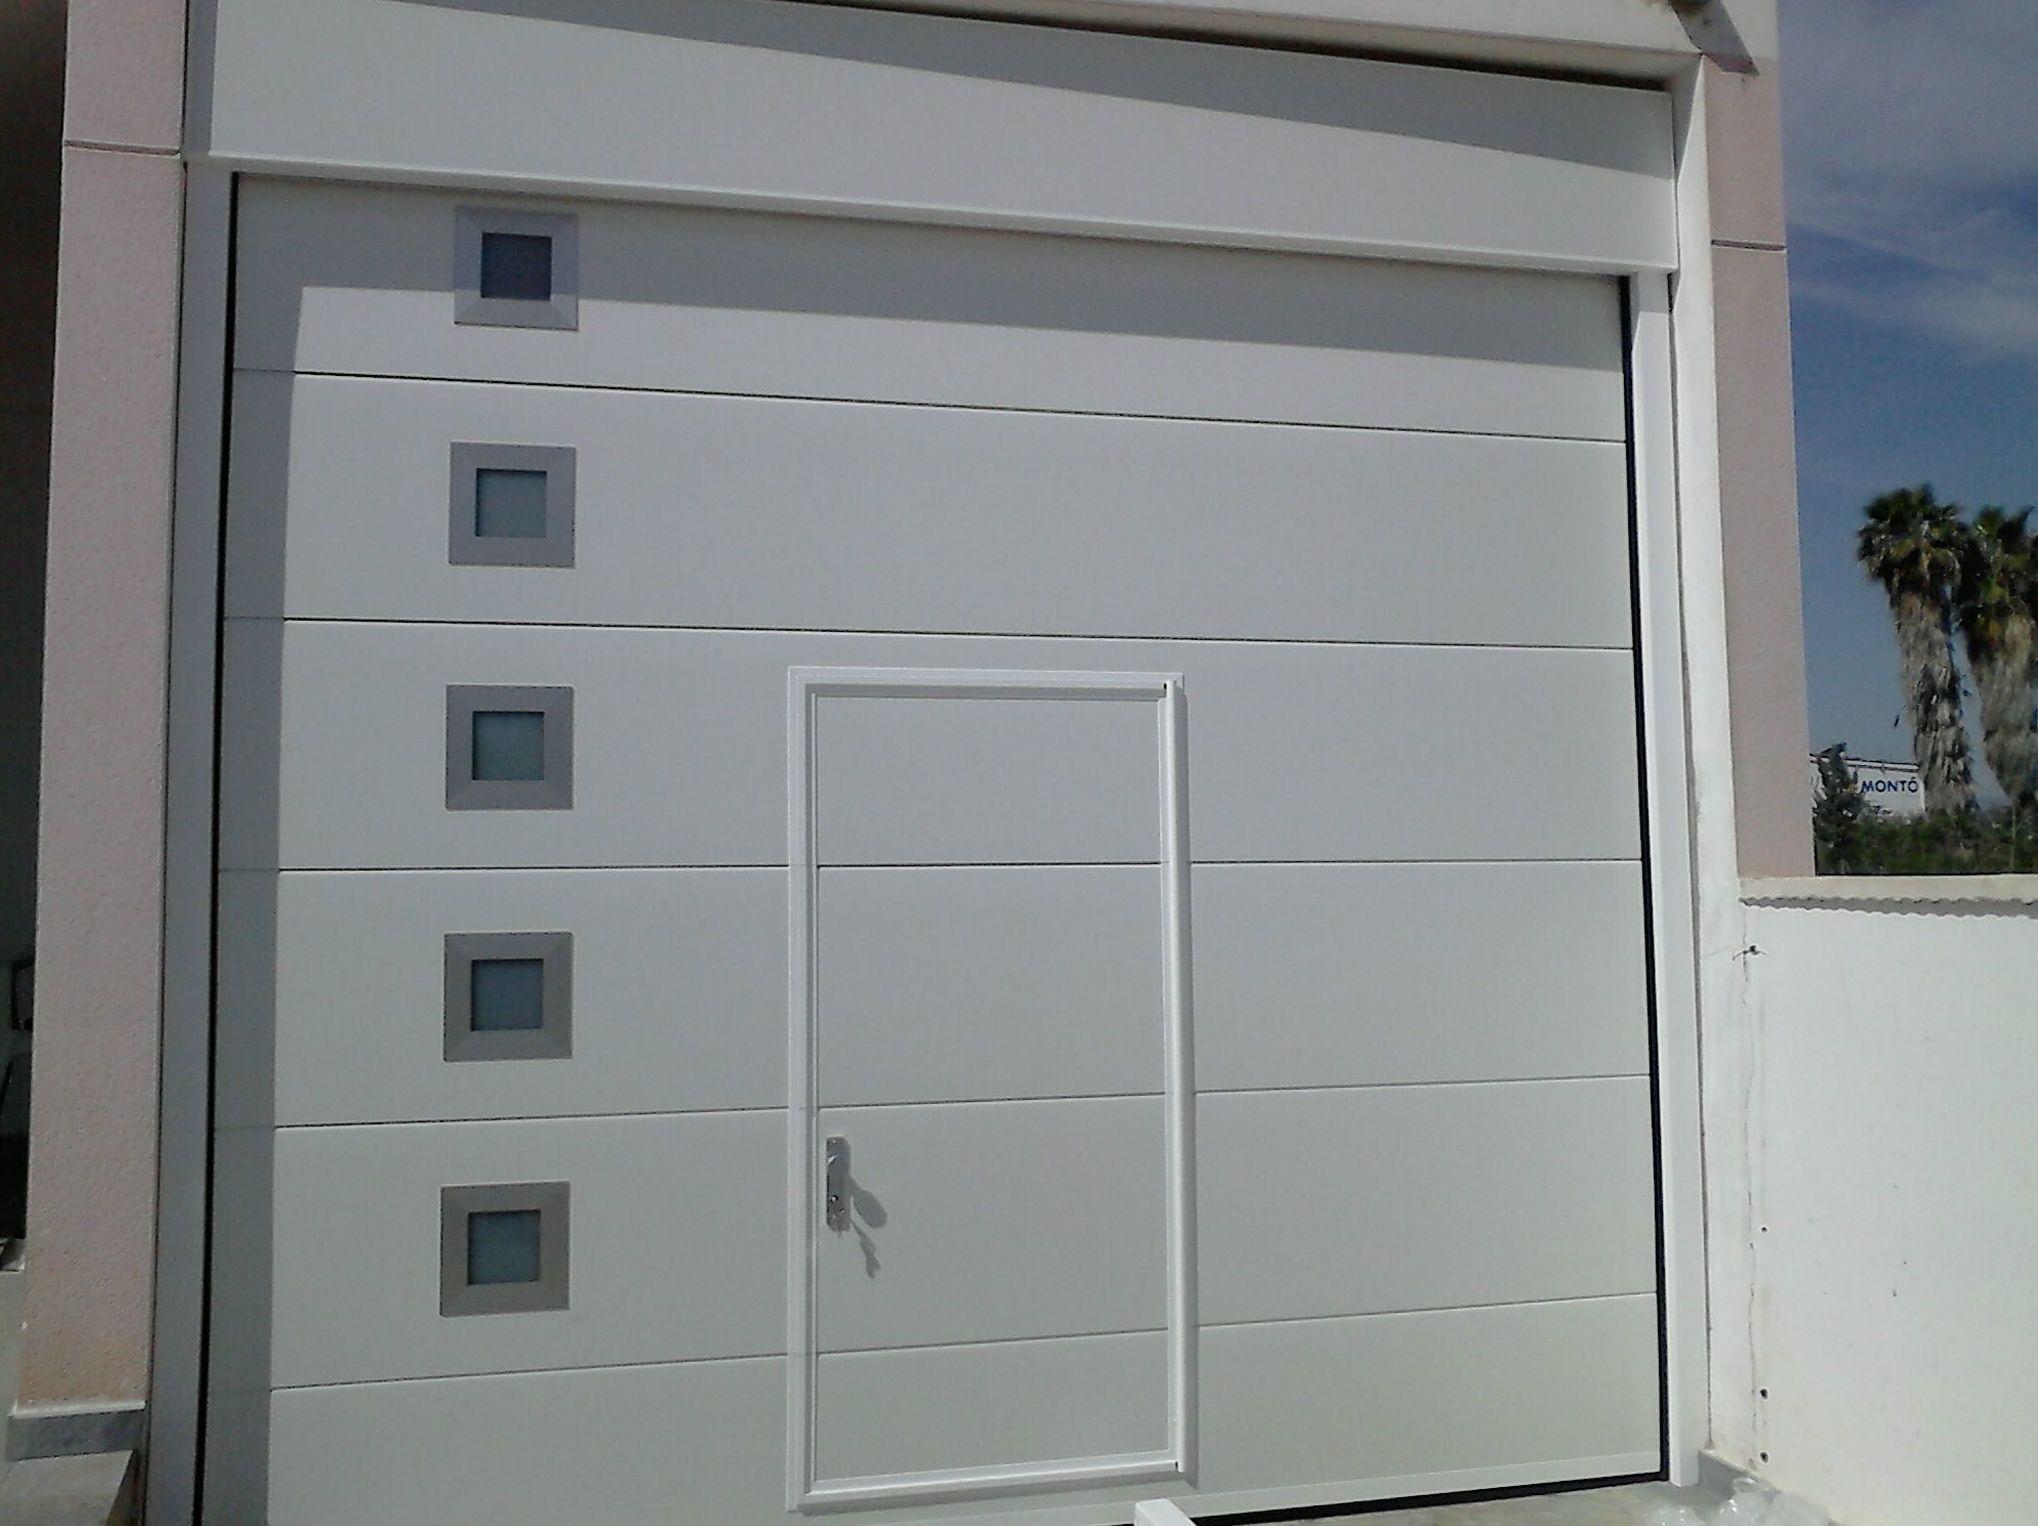 Seccional panel canal liso blanco con ventanas fijas laterales y portón peatonal.